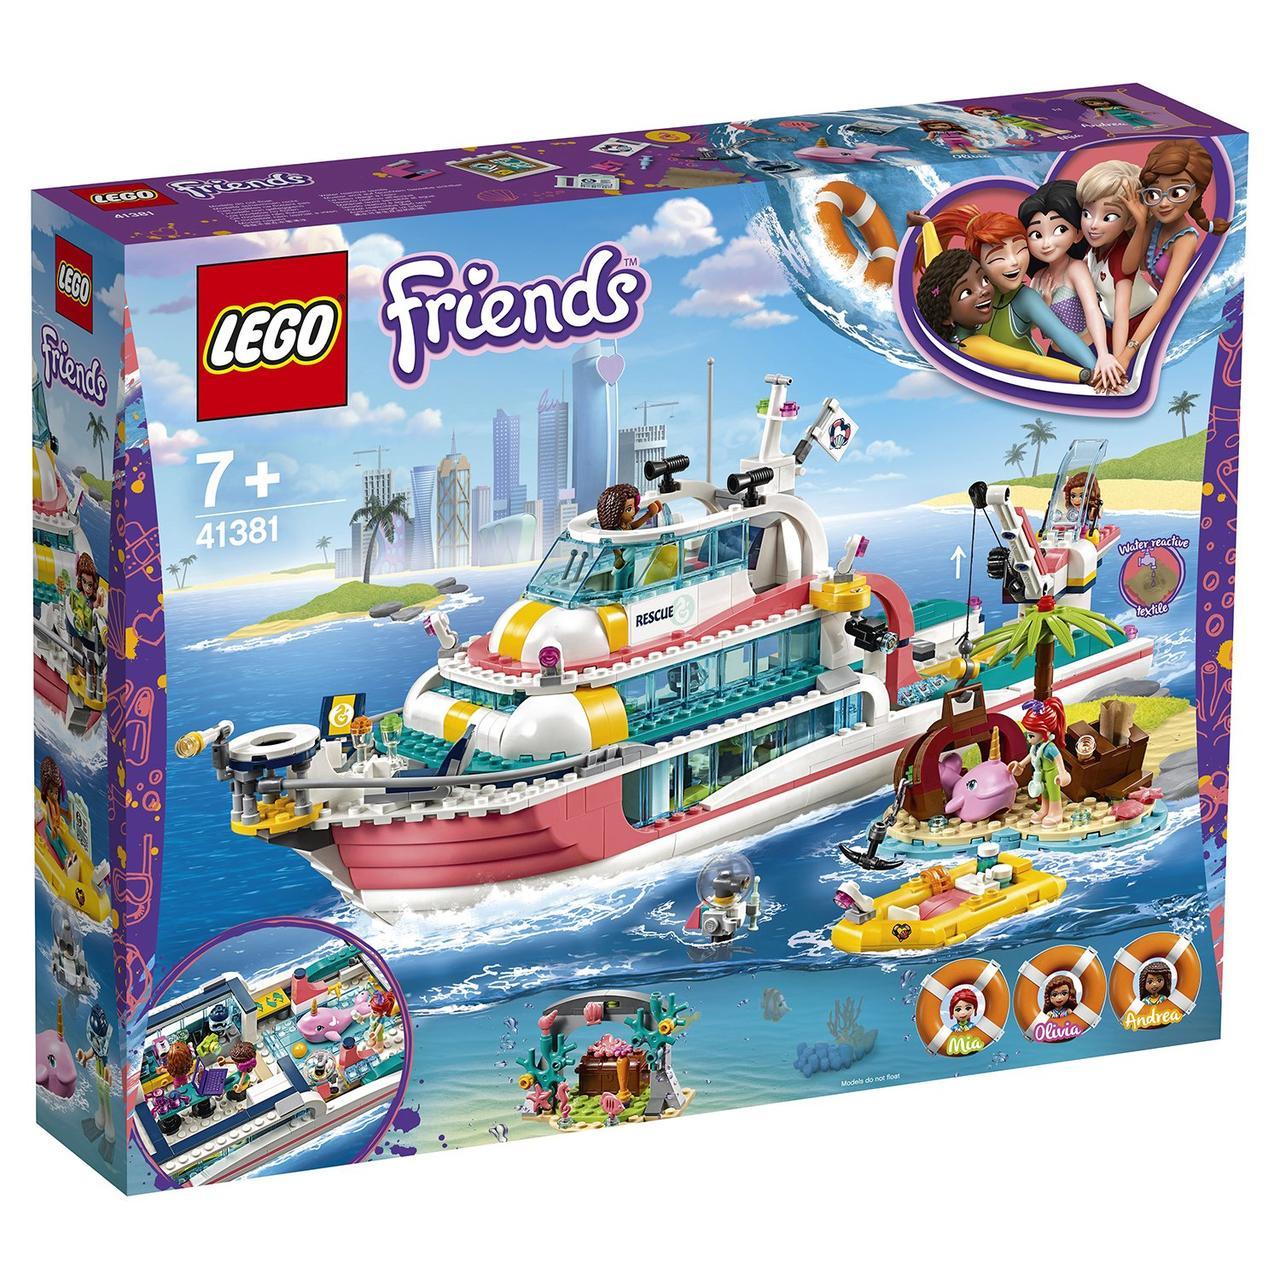 41381 Lego Friends Катер для спасательных операций, Лего Подружки